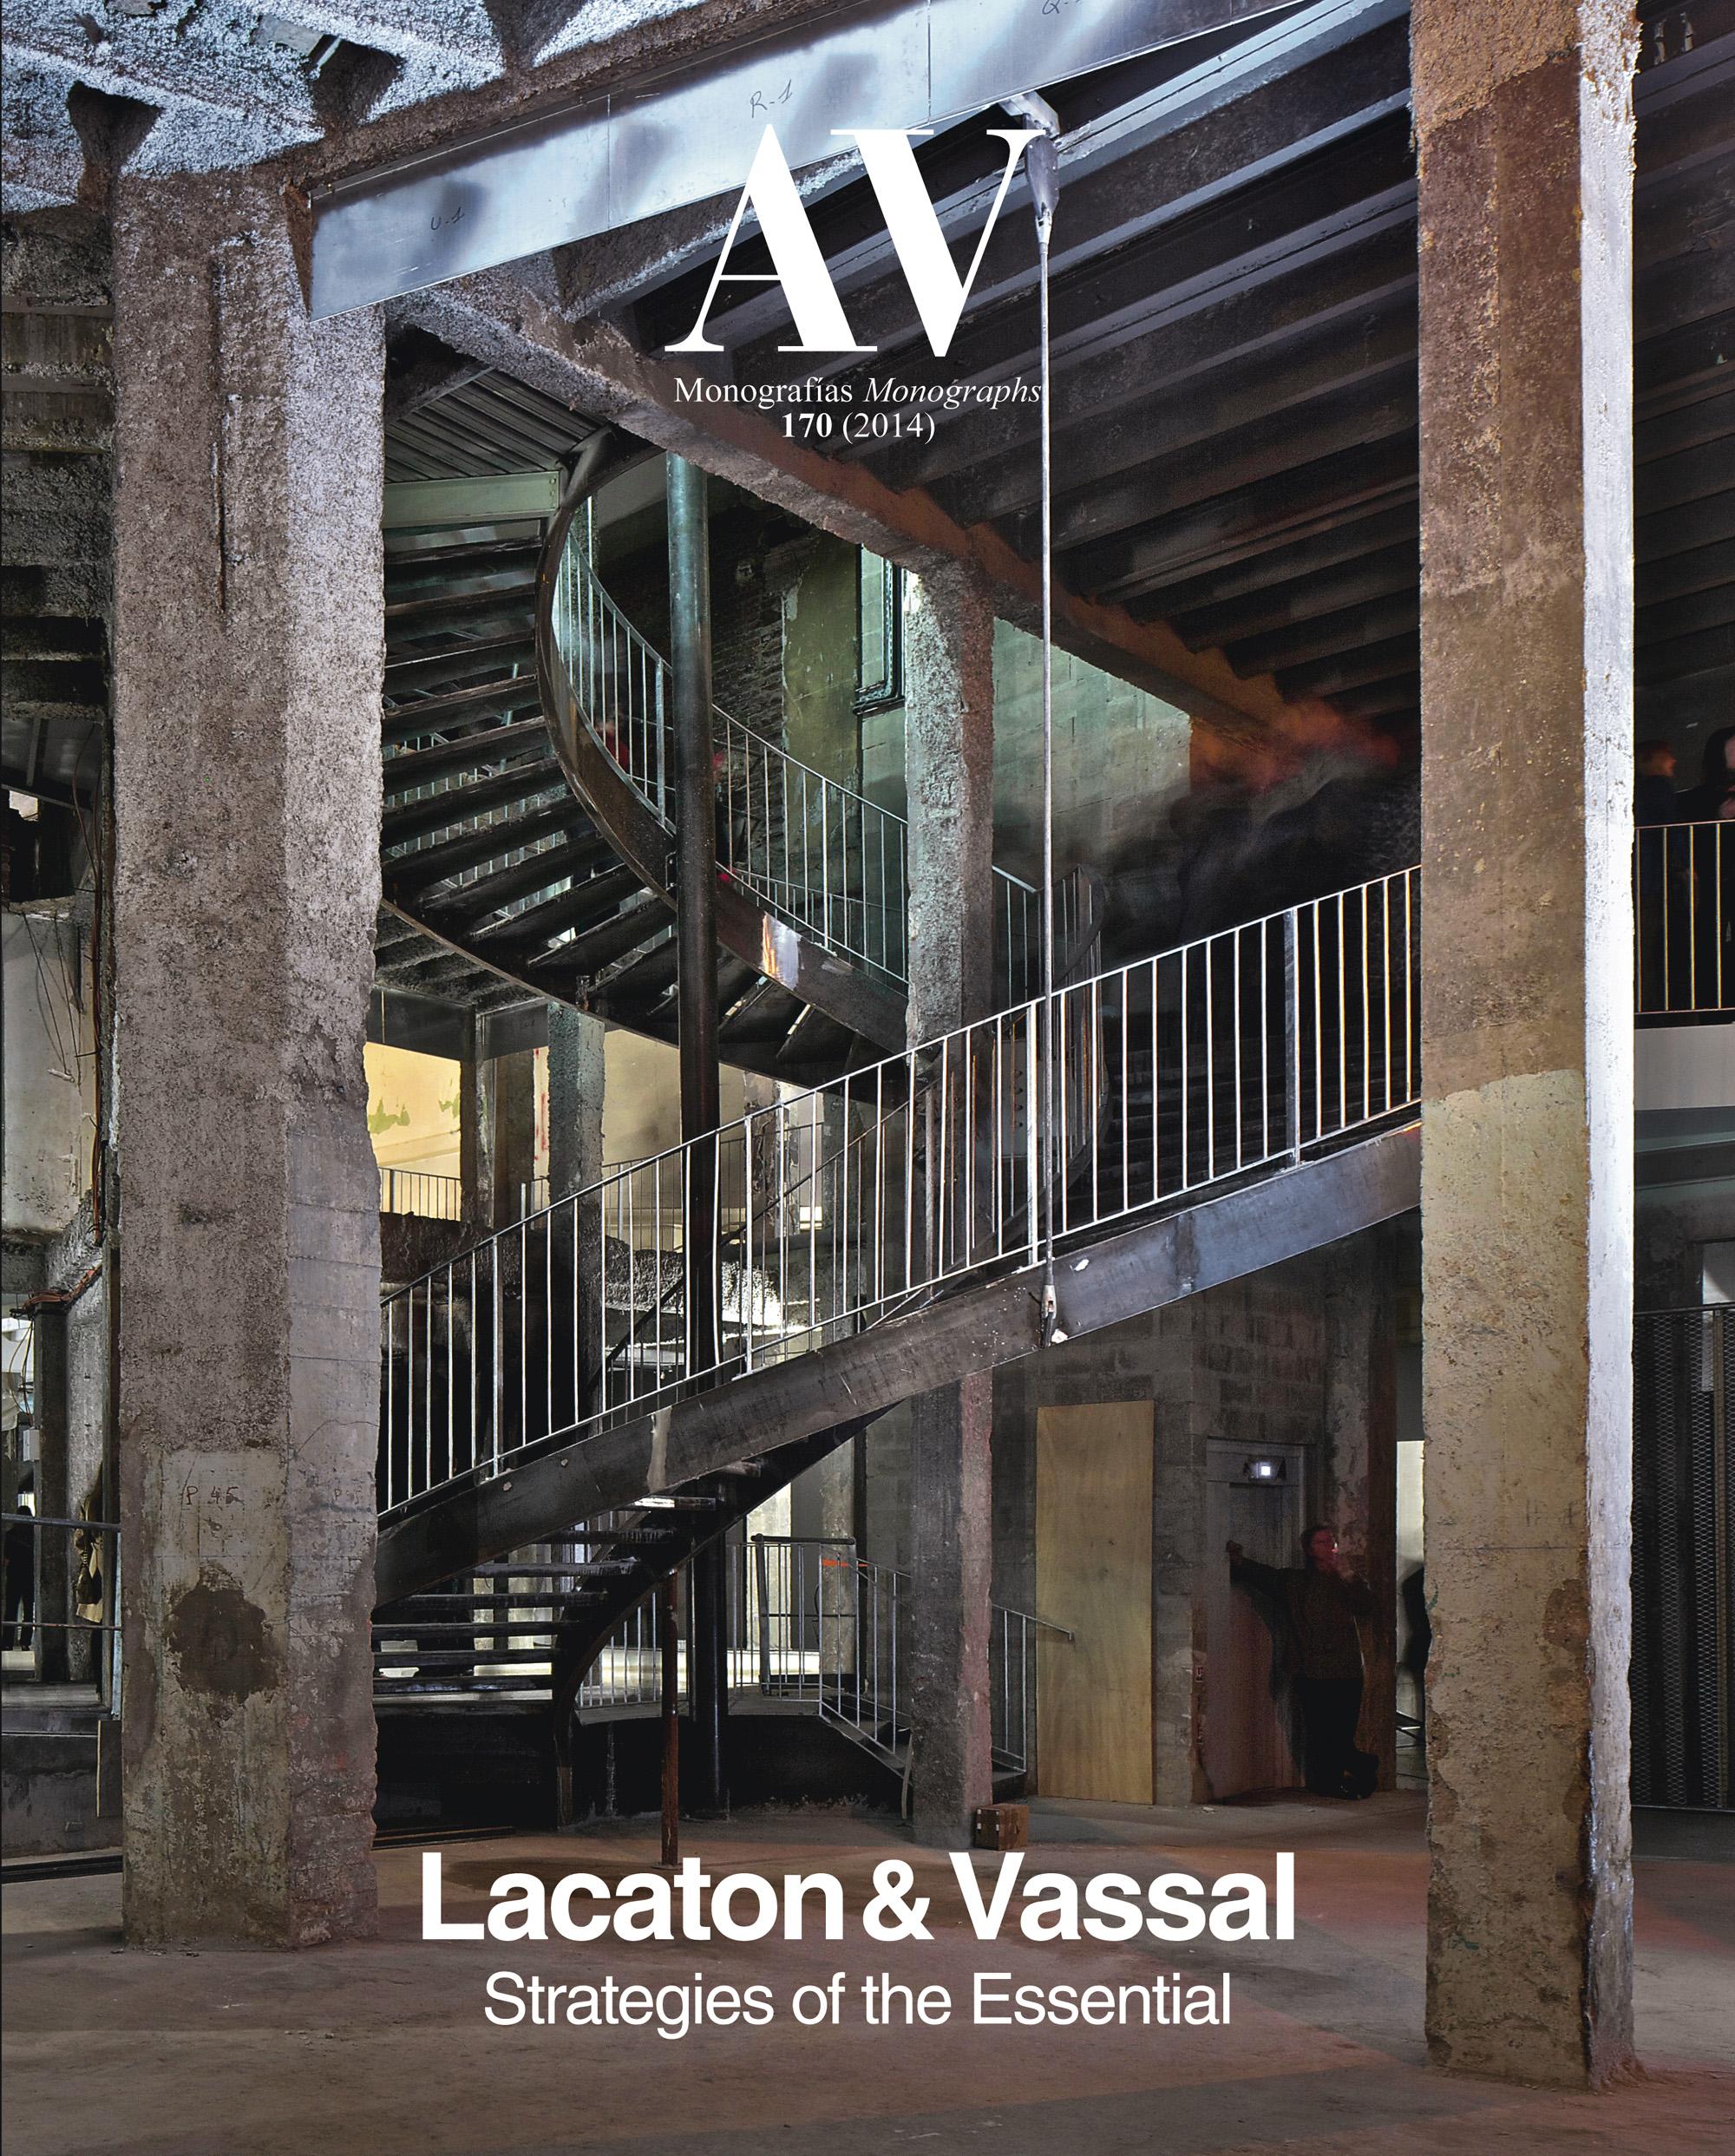 Lacaton & Vassal